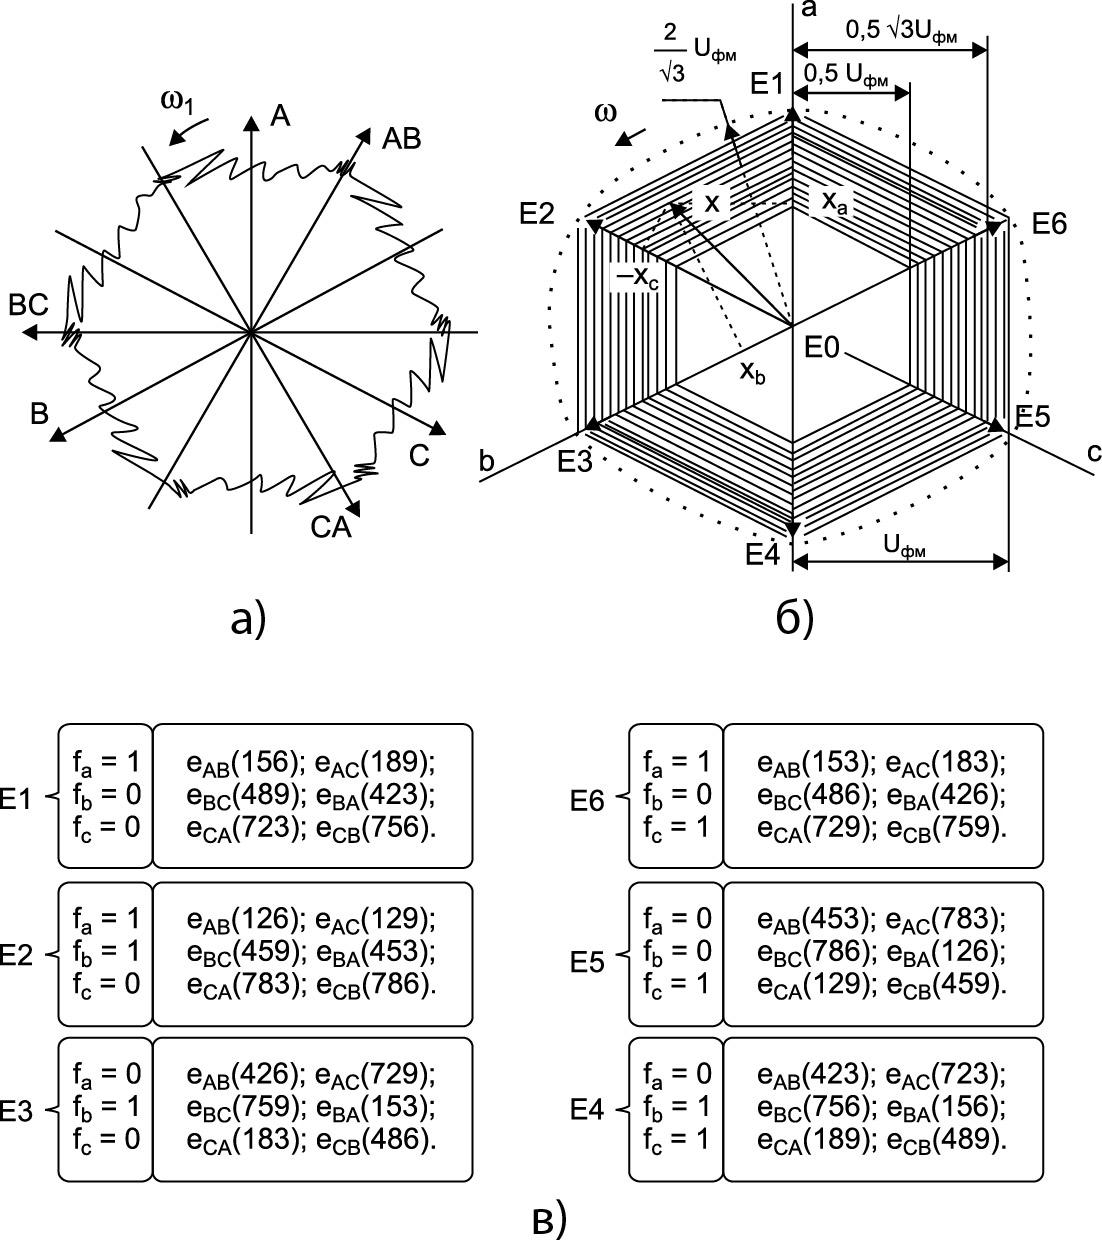 Векторные диаграммы сетевого тока (а) и выходного напряжения (б) с указанием условий включения базовых векторов (в)